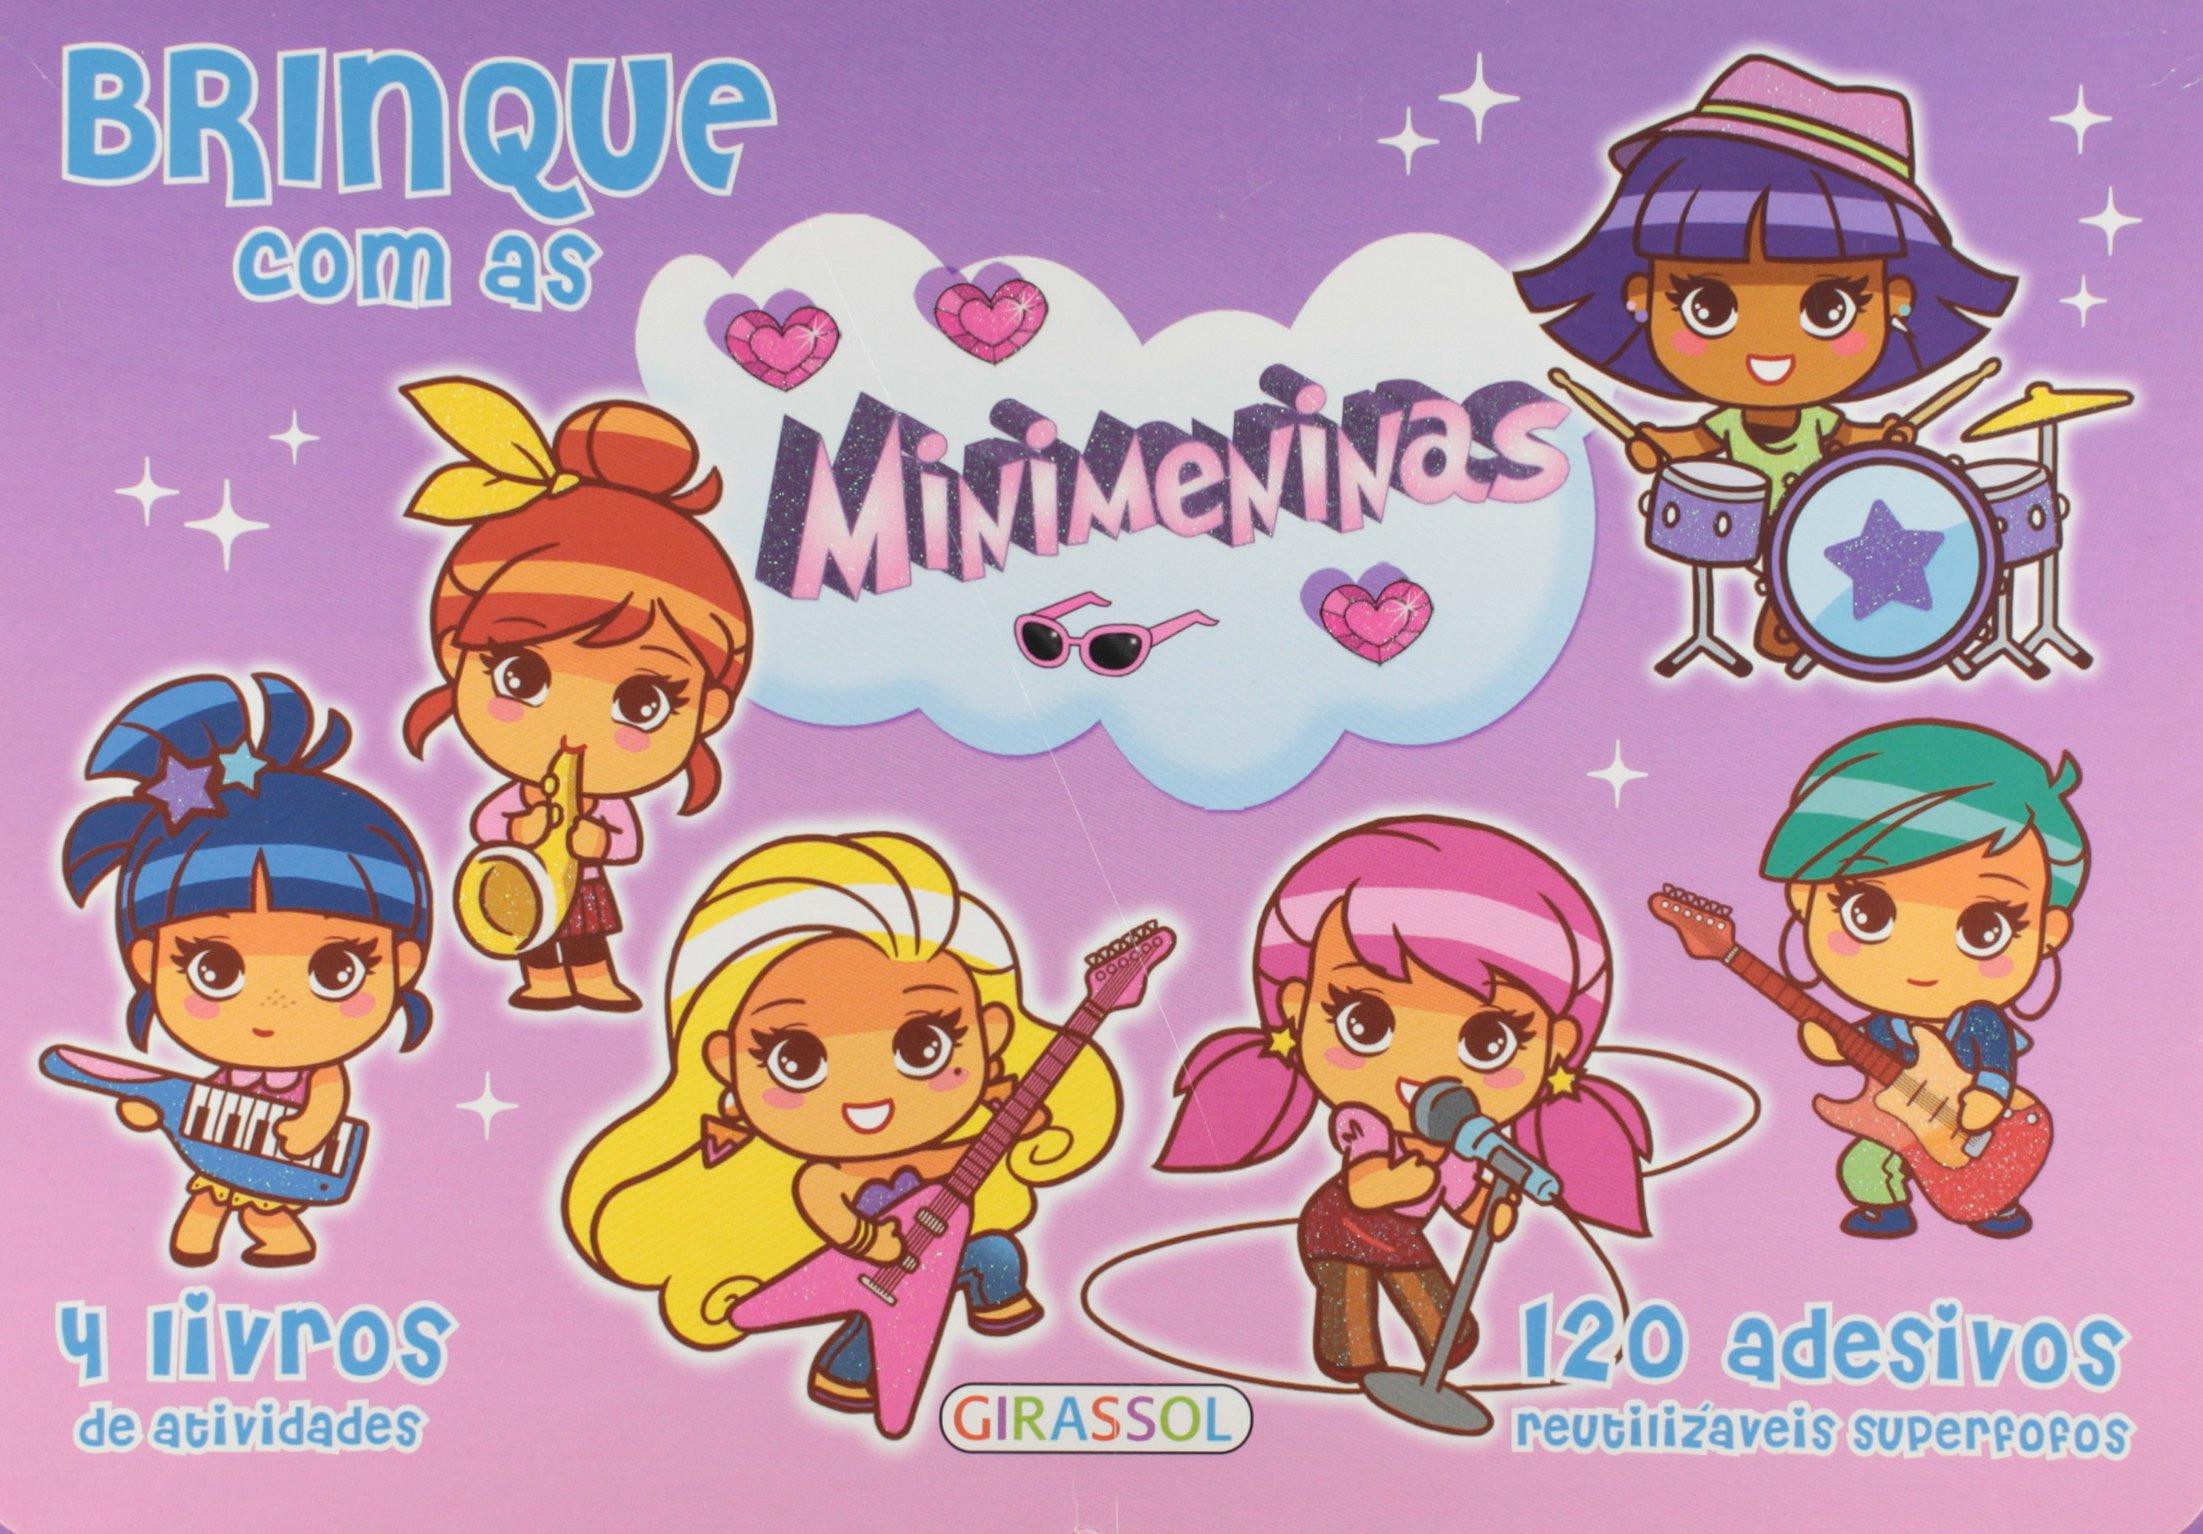 Maleta - Brinque Com As Minimeninas: Vários Autores: 9788539412884: Amazon.com: Books